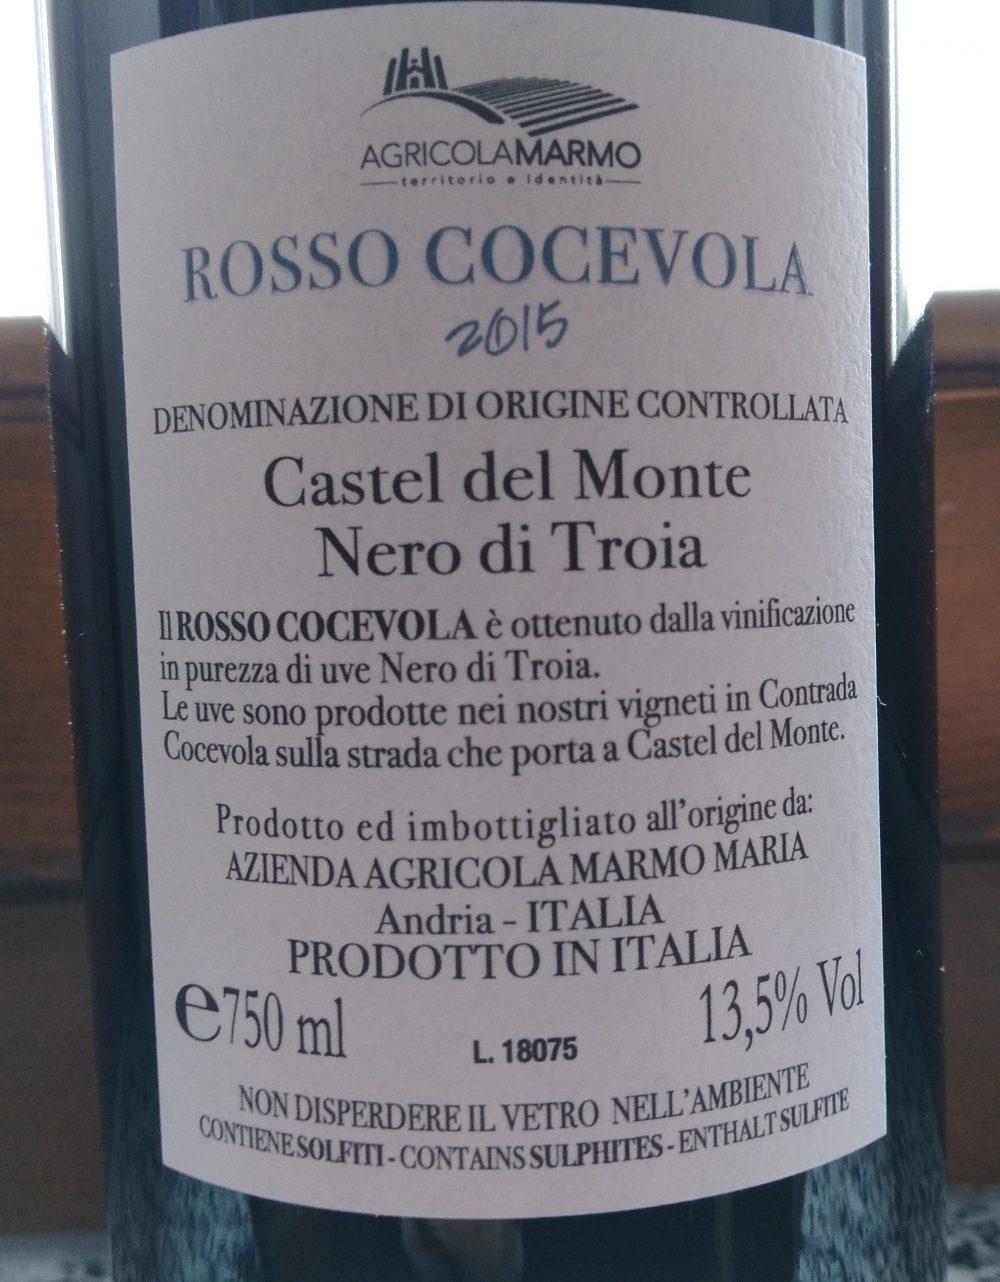 Controetichetta Rosso Cocevola Castel del Monte Nero di Troia Doc 2015 Agricola Marmo